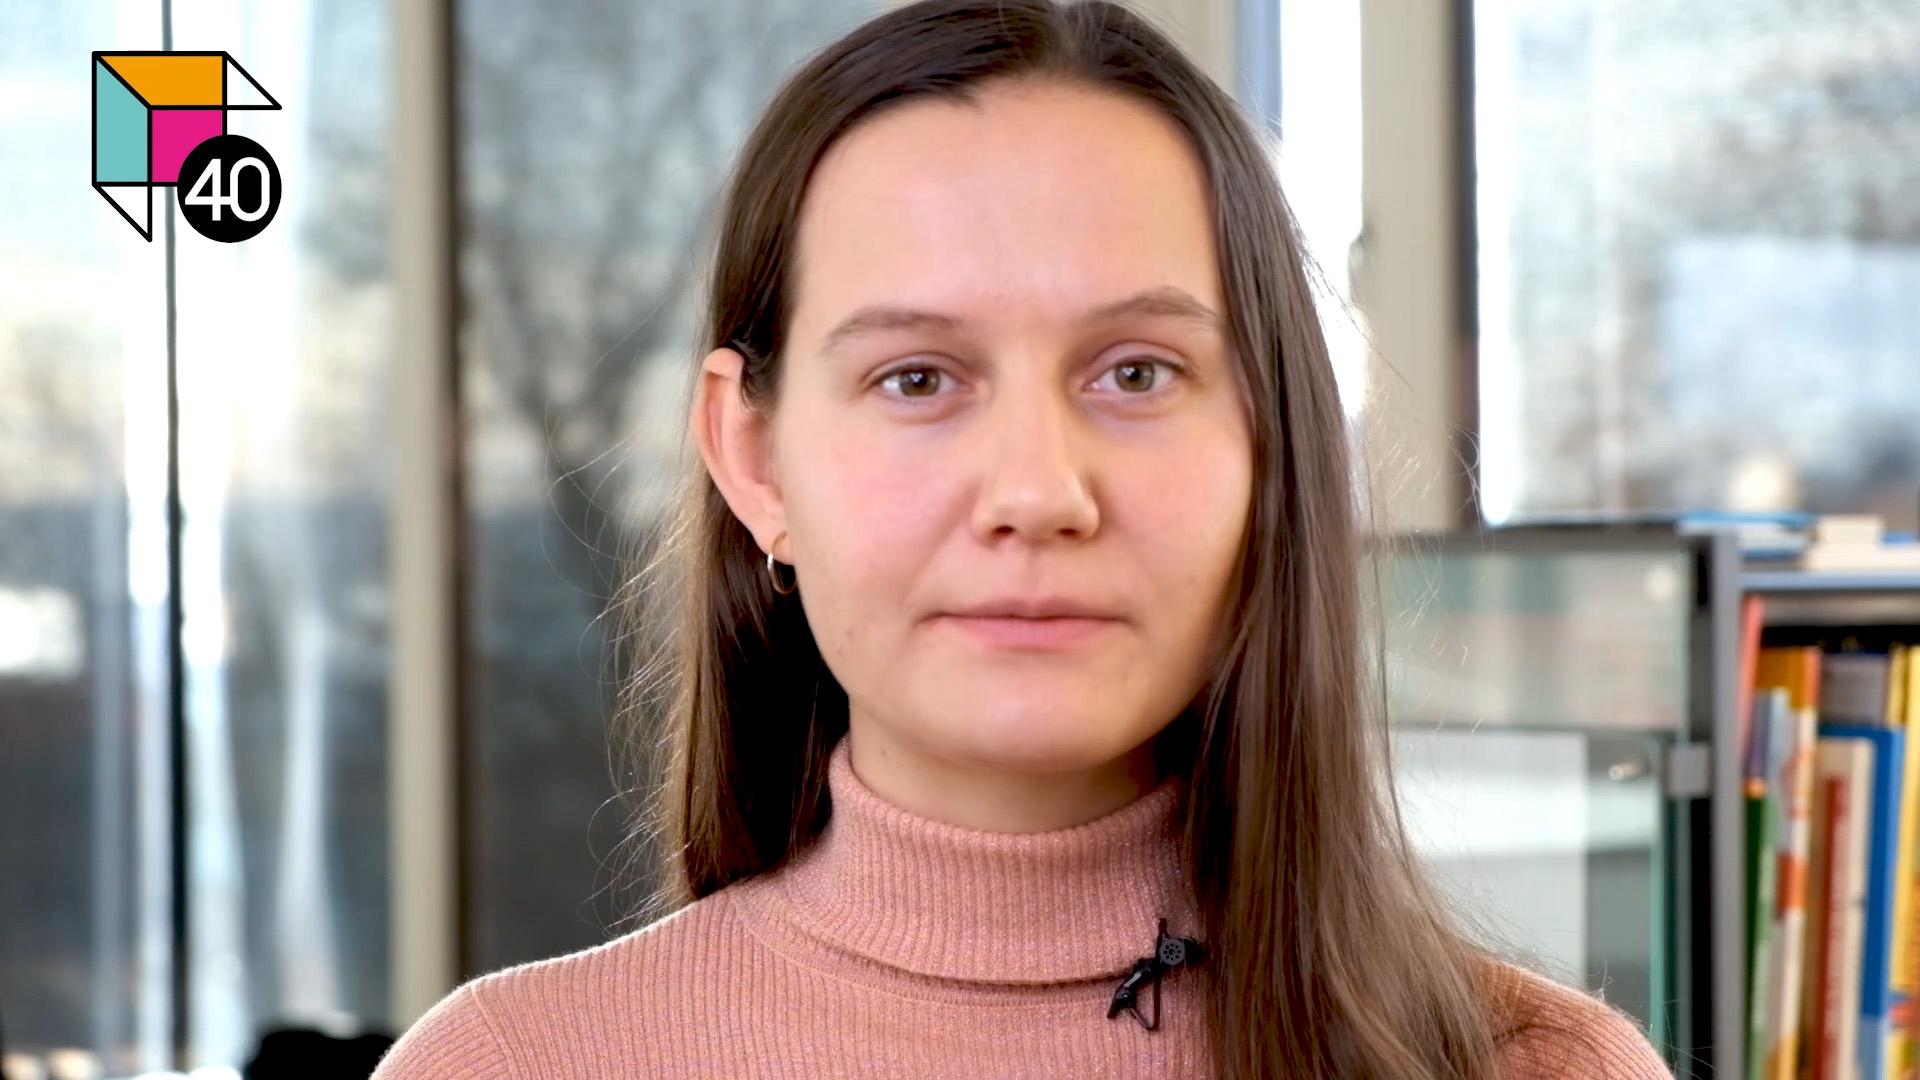 Ingeborg Sivertsen Landfald